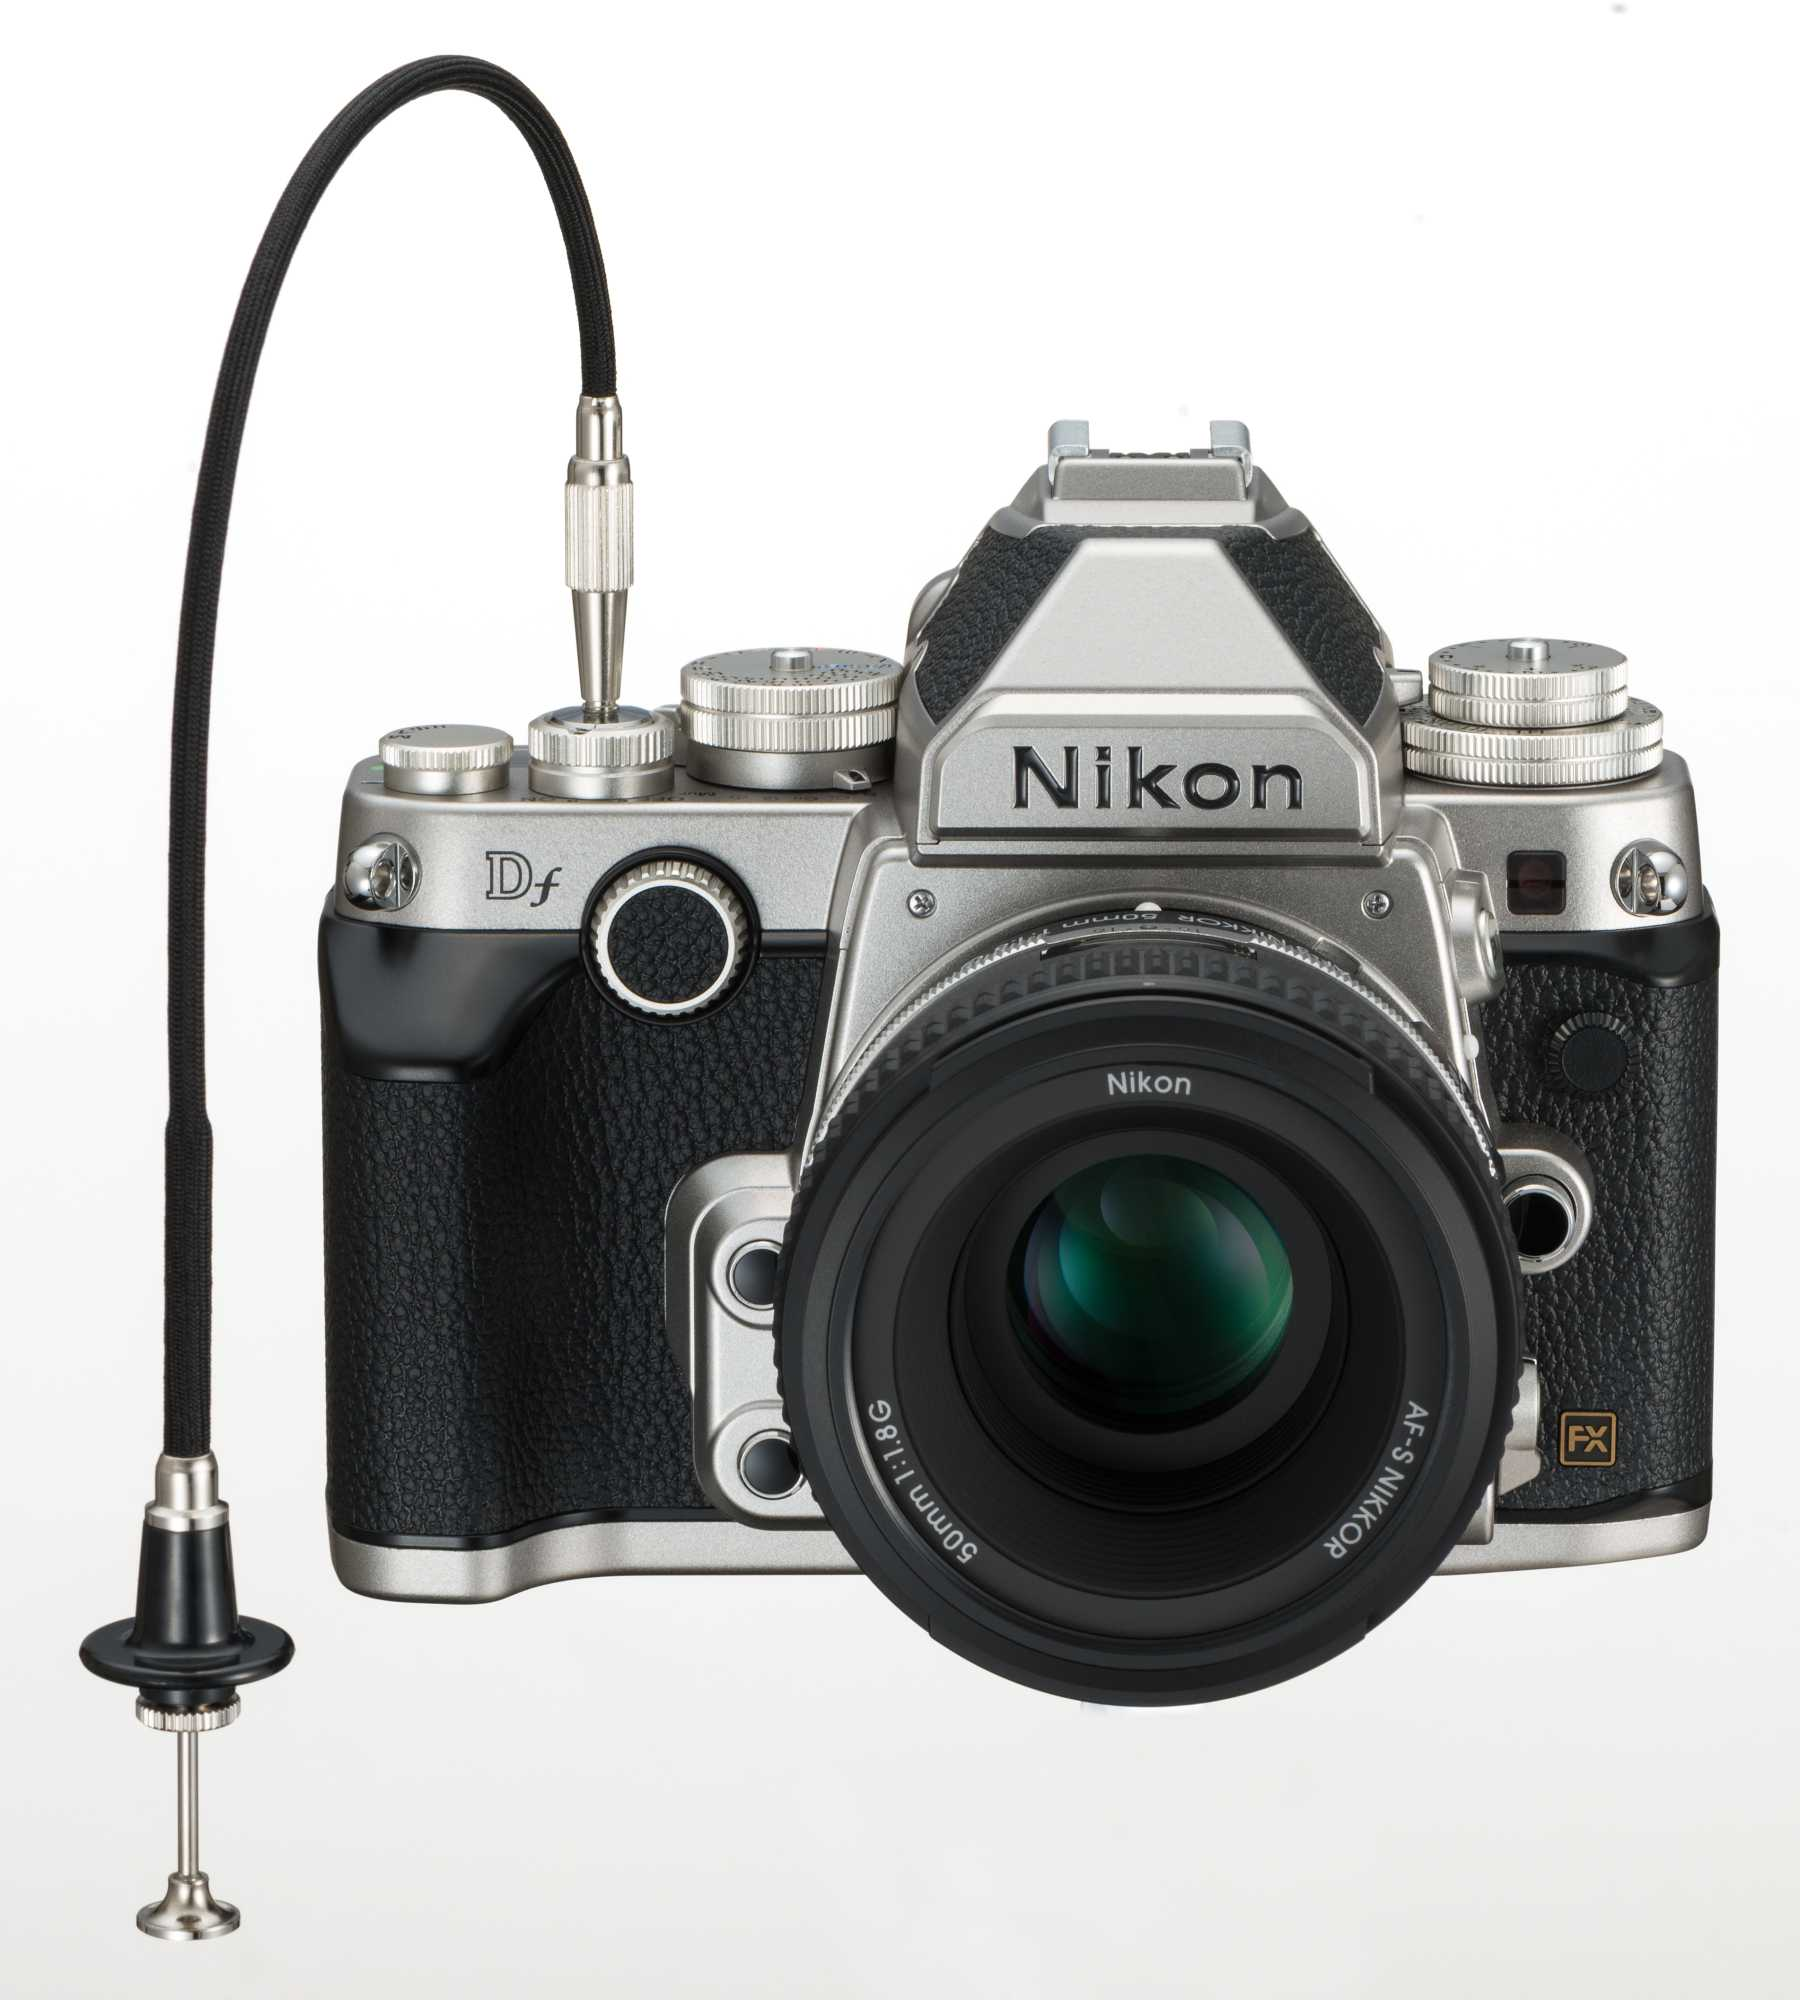 Der Auslöser der Nikon Df bietet sogar die Möglichkeit, einen mechanischen Fernauslöser anzuschließen.